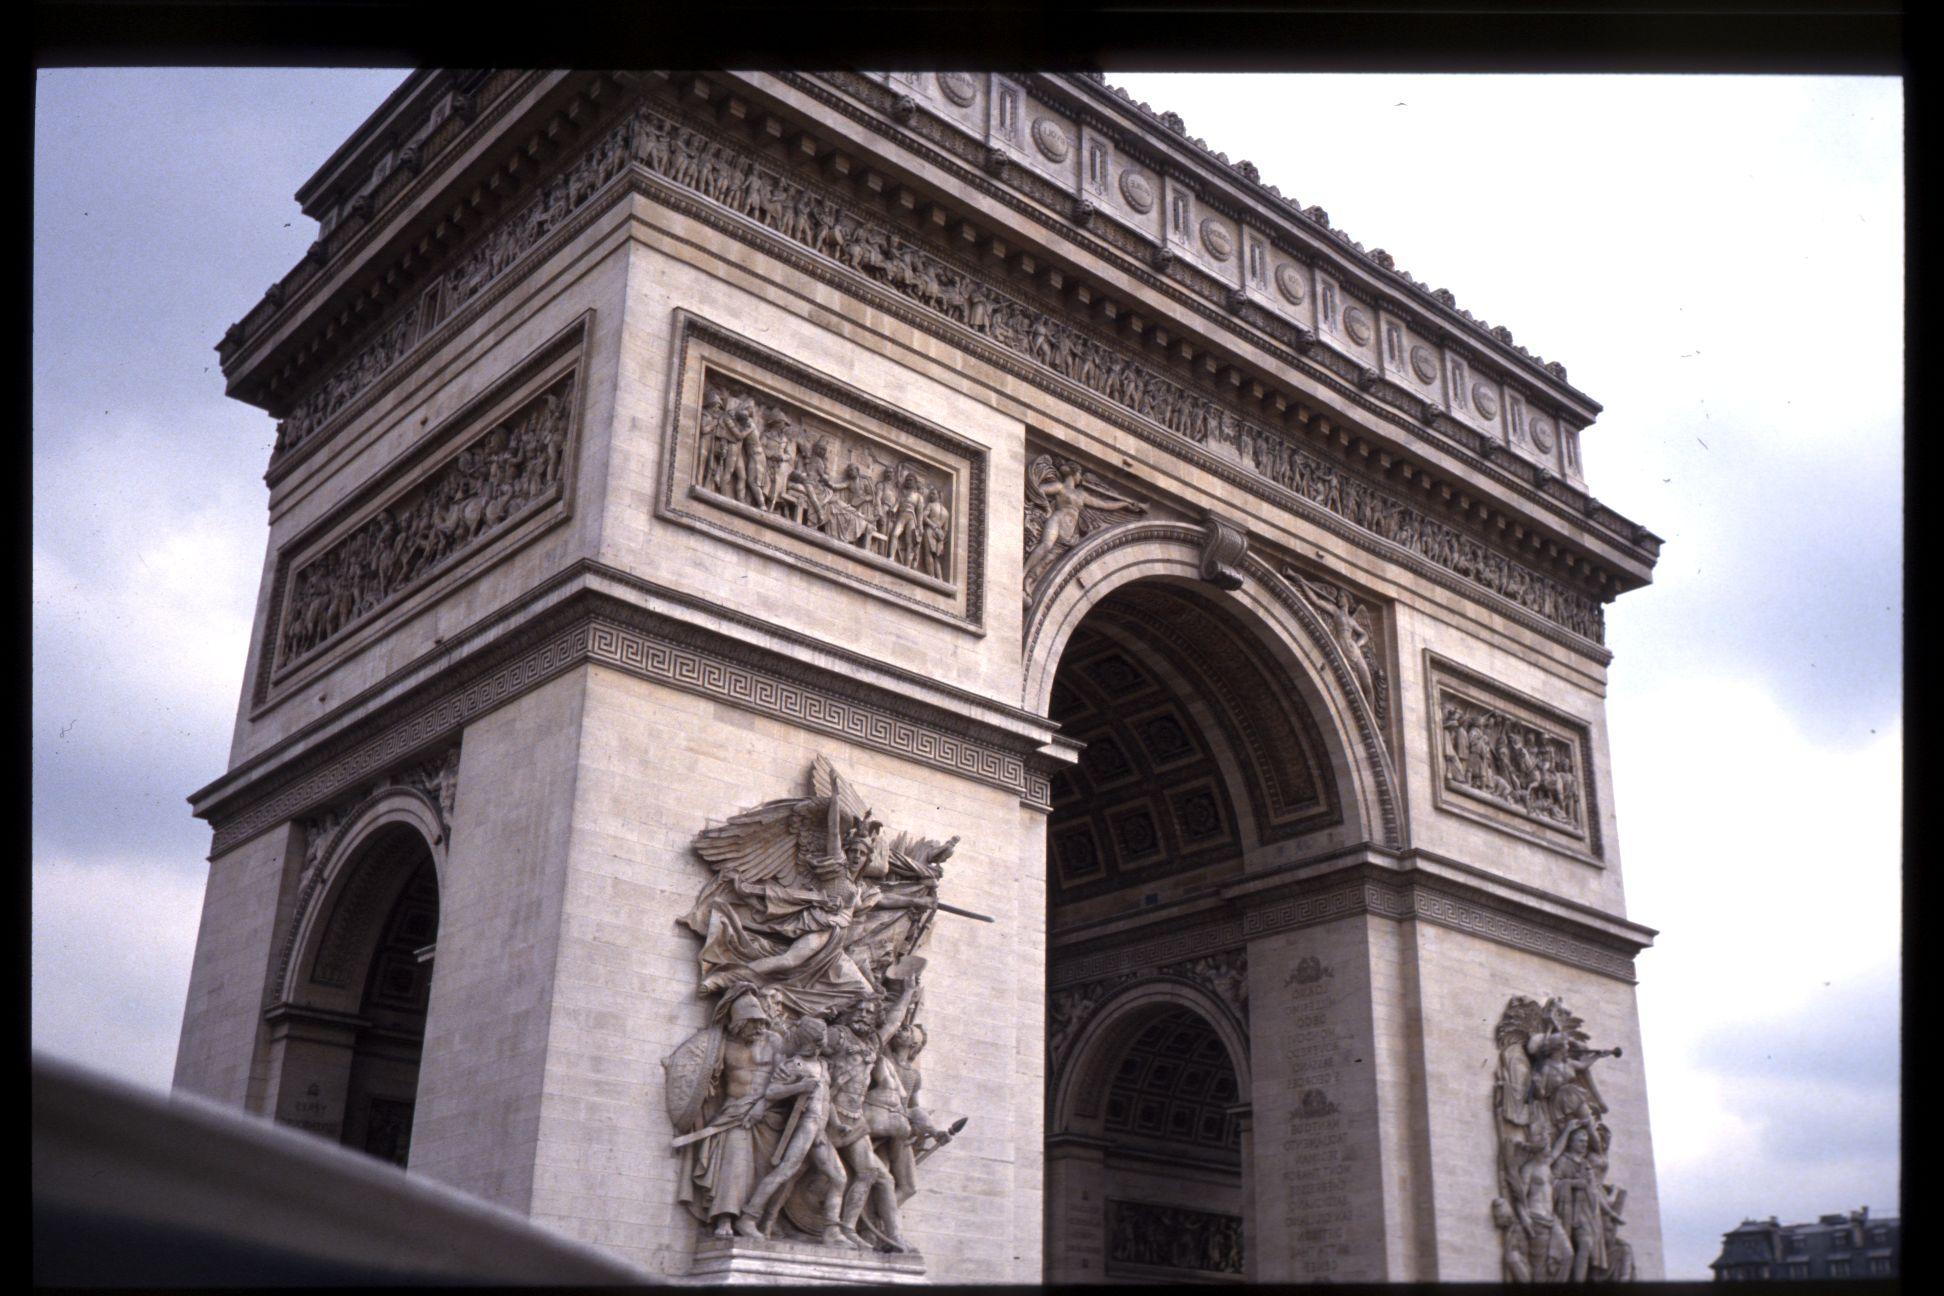 arc de triomph arc d'triomph paris france